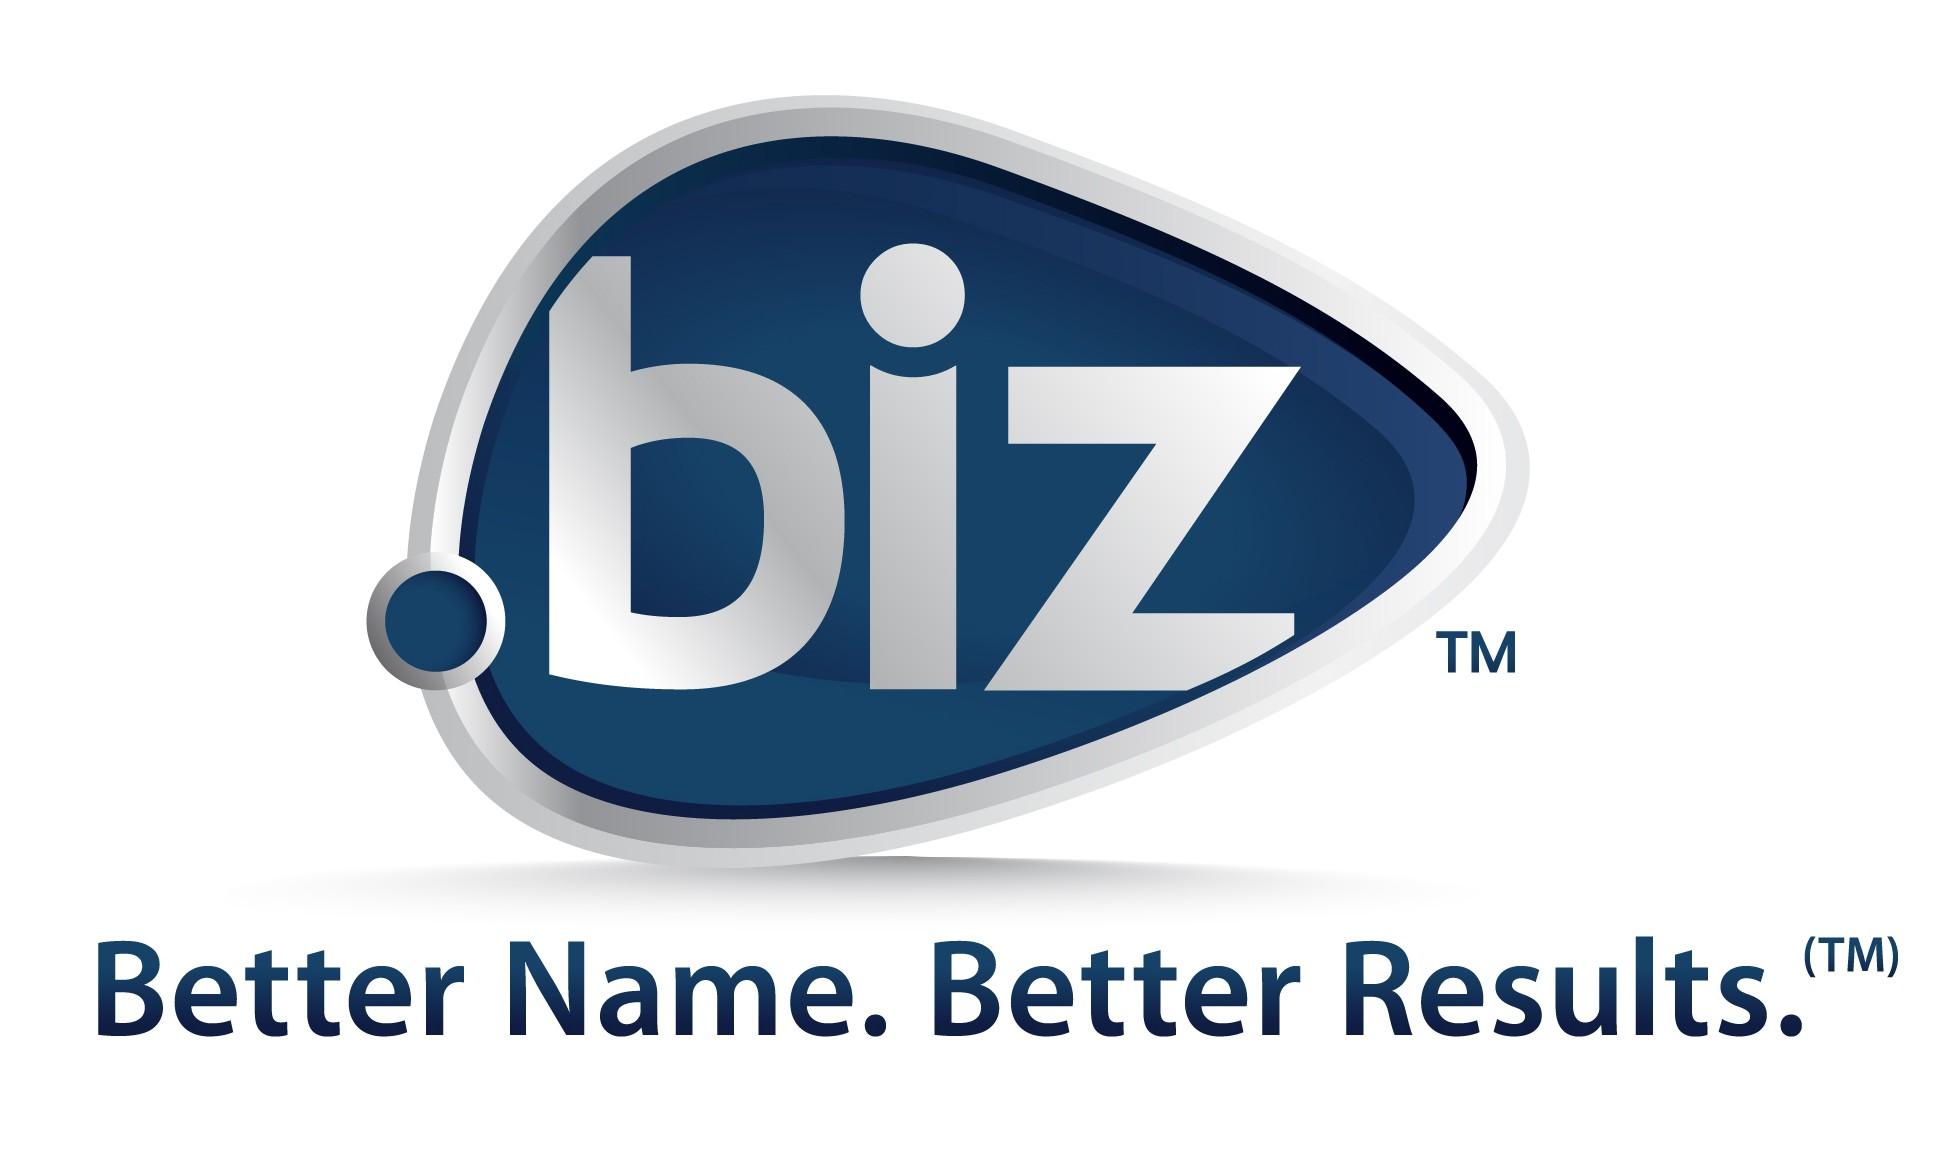 .biz domain name registration